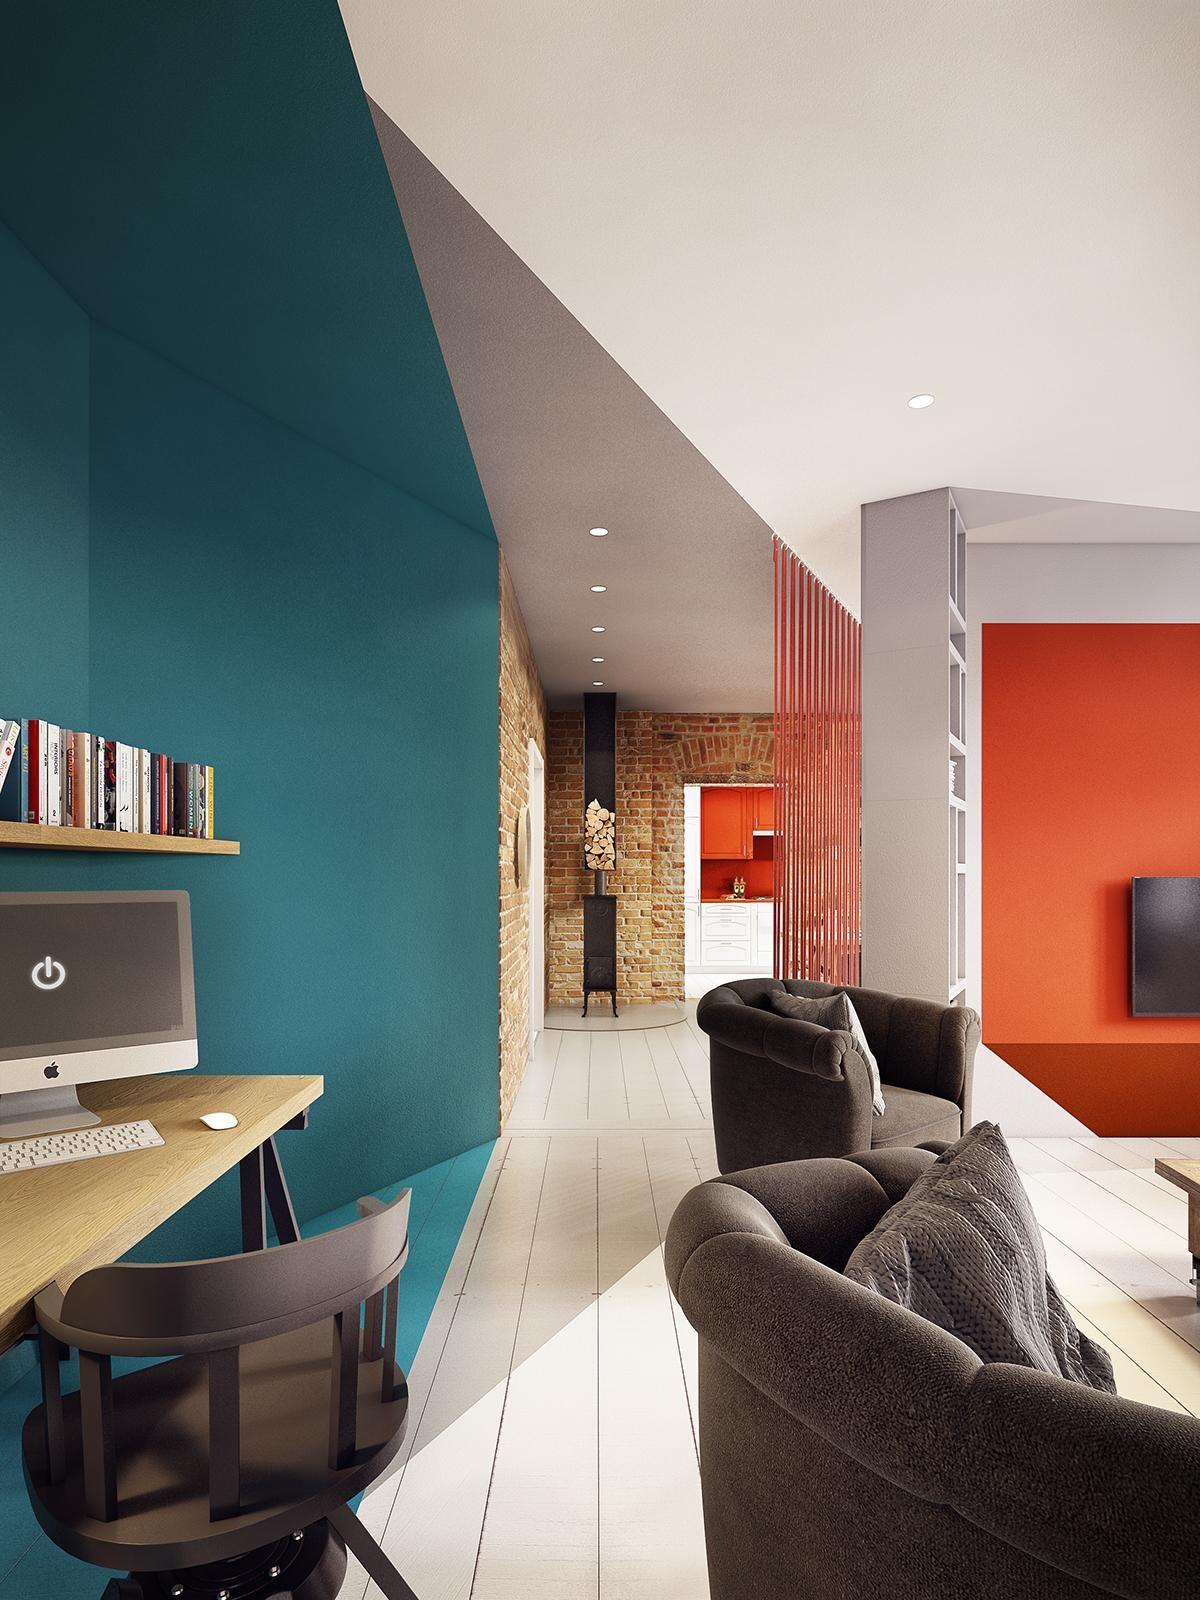 geometric interior paint inspiration Căn hộ hiện đại tuyệt đẹp với thiết kế đầy màu sắc qpdesign